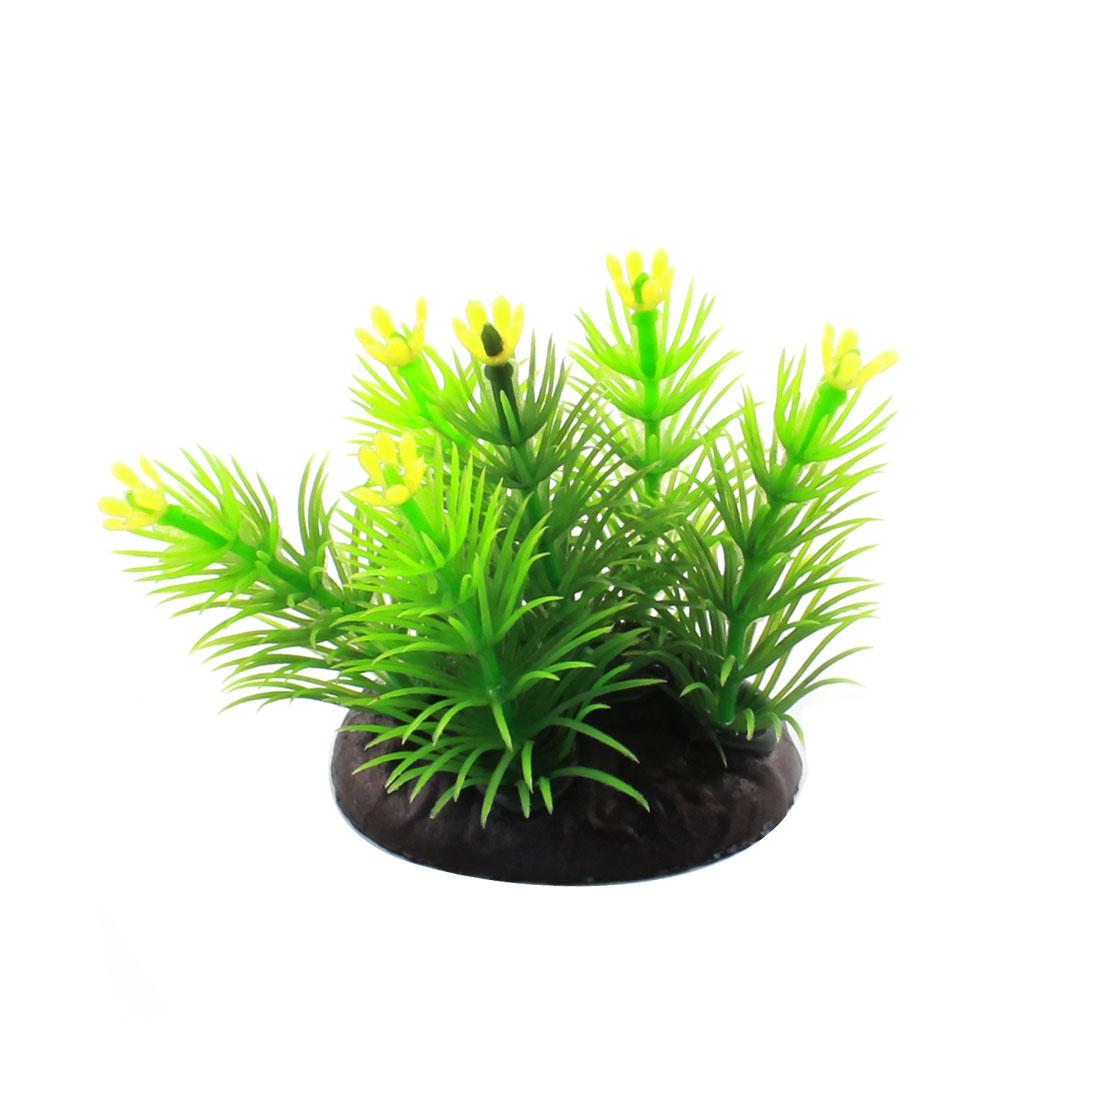 """Aquarium Underwater Landscaping Plastic Grass Plant Decor Green 2.4"""" High"""